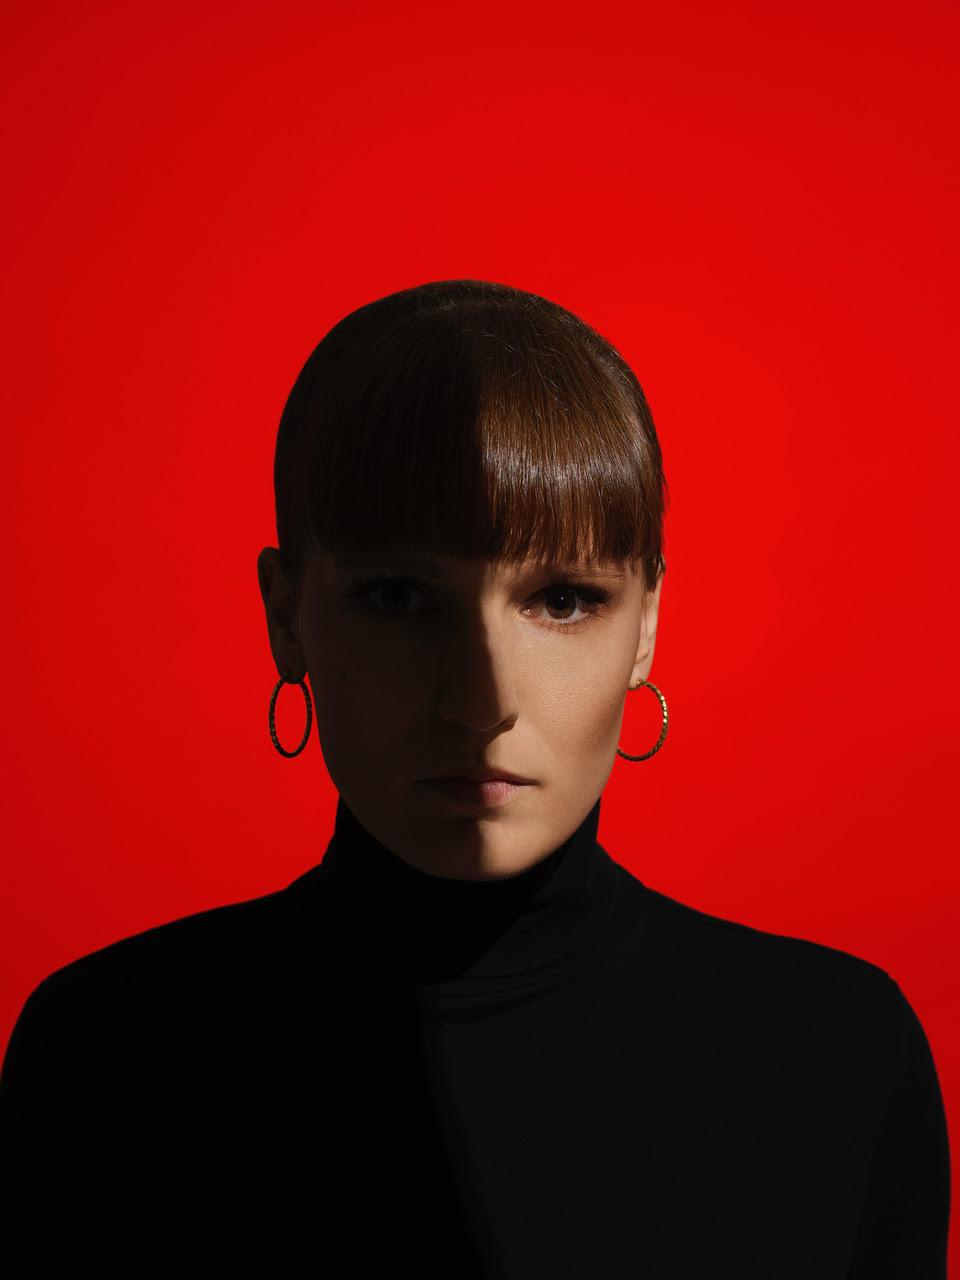 Na zdjeciu widzimy mloda kobiete w czarnym golfie portret na czerwonej scianie do polowy twarz oswietlona